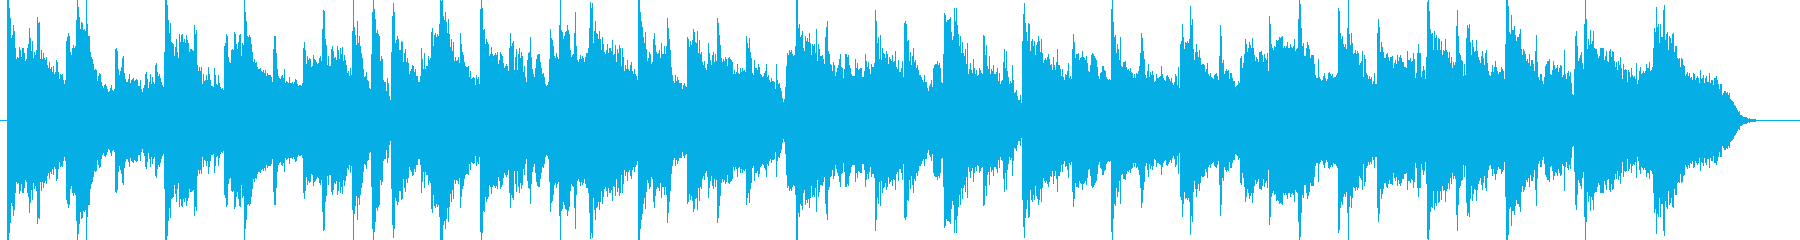 ピアノによる穏やかなイージーリスニングの再生済みの波形